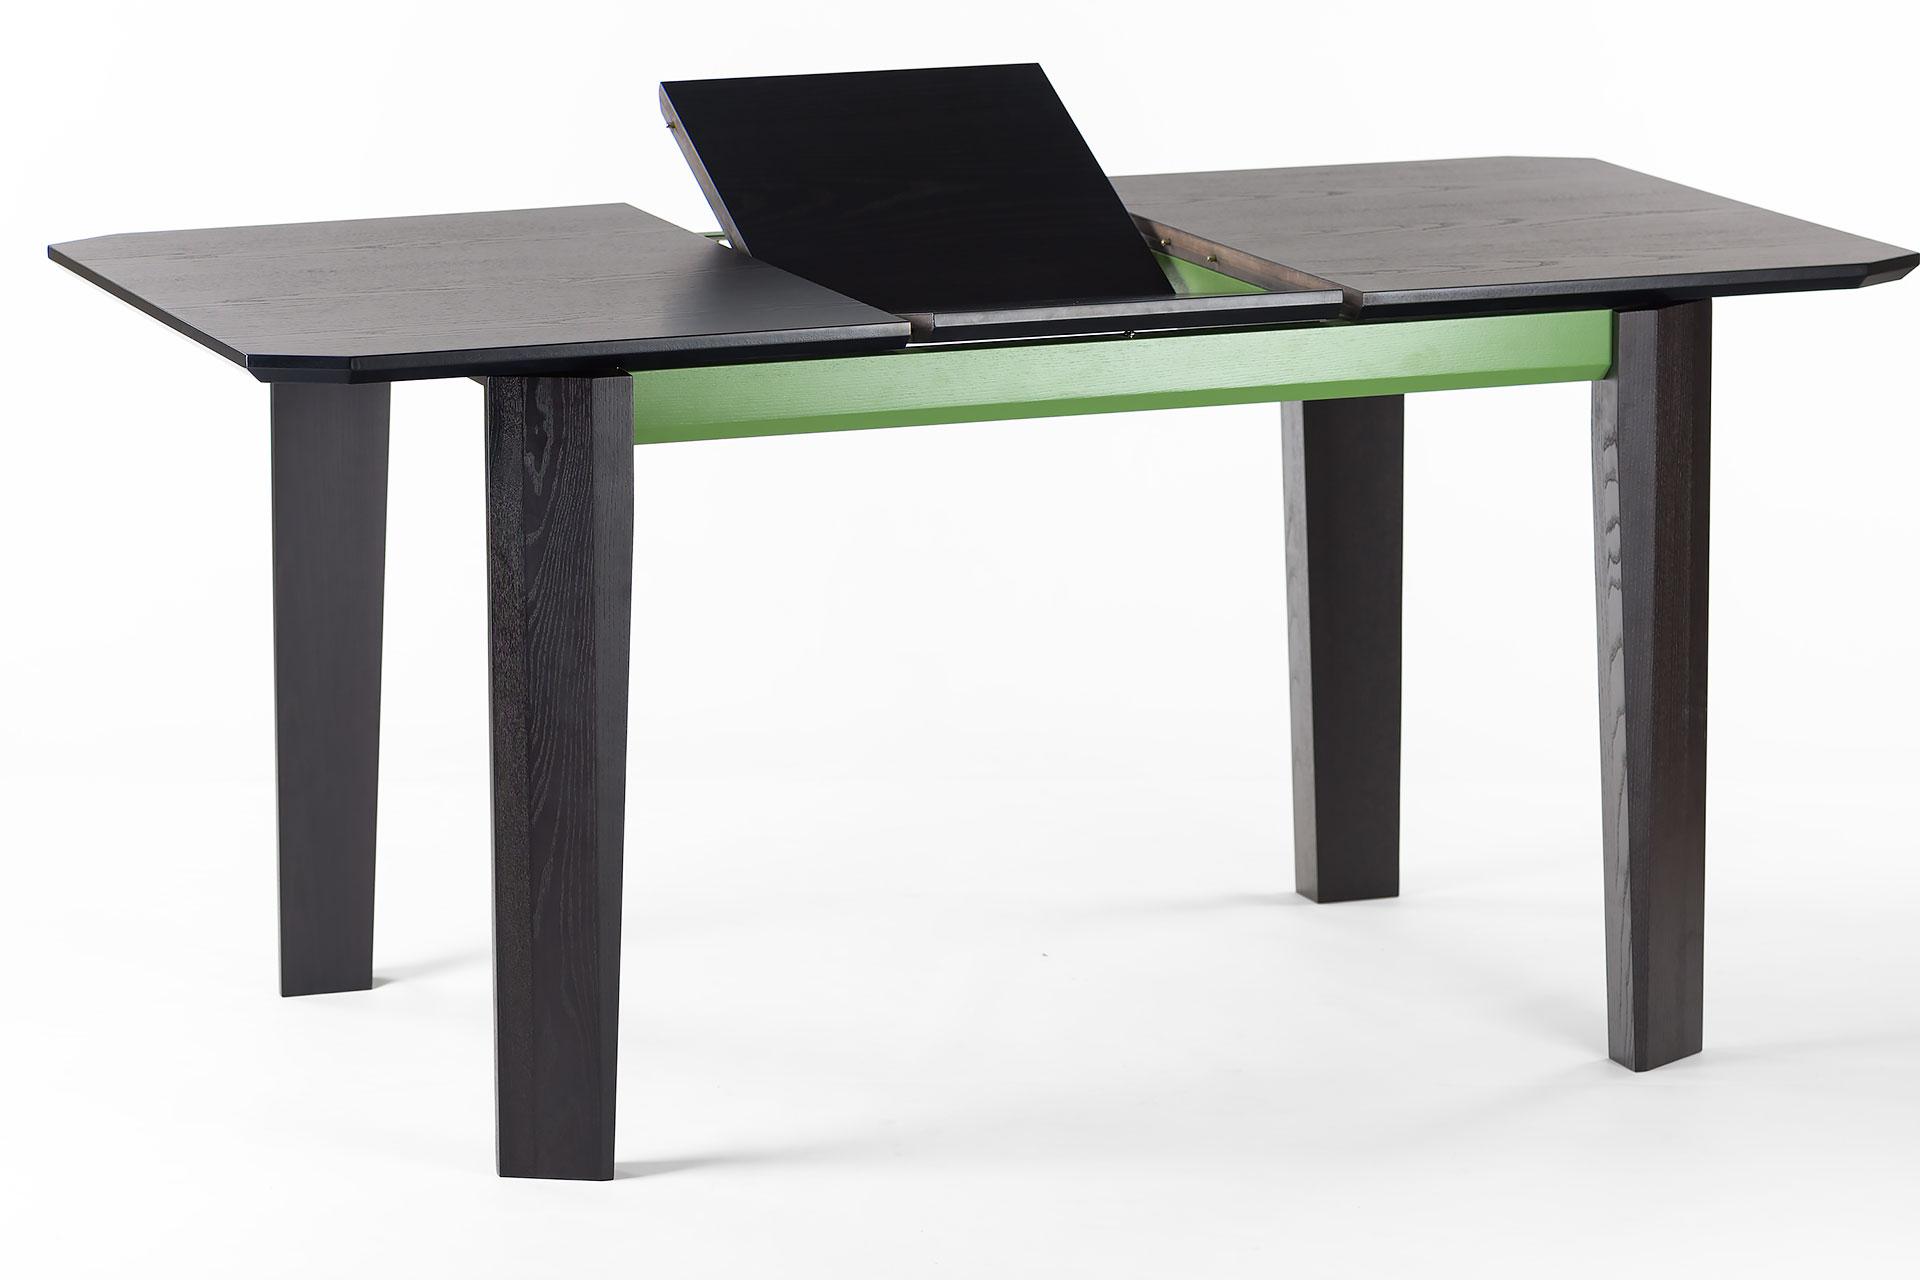 """Раскладной кухонный стол """"Варгас"""" черно-зеленый, шпонированная столешница, твердое дерево, цвет изделия SE7059 / Каркас RAL 6011 (вставка +40 см)"""